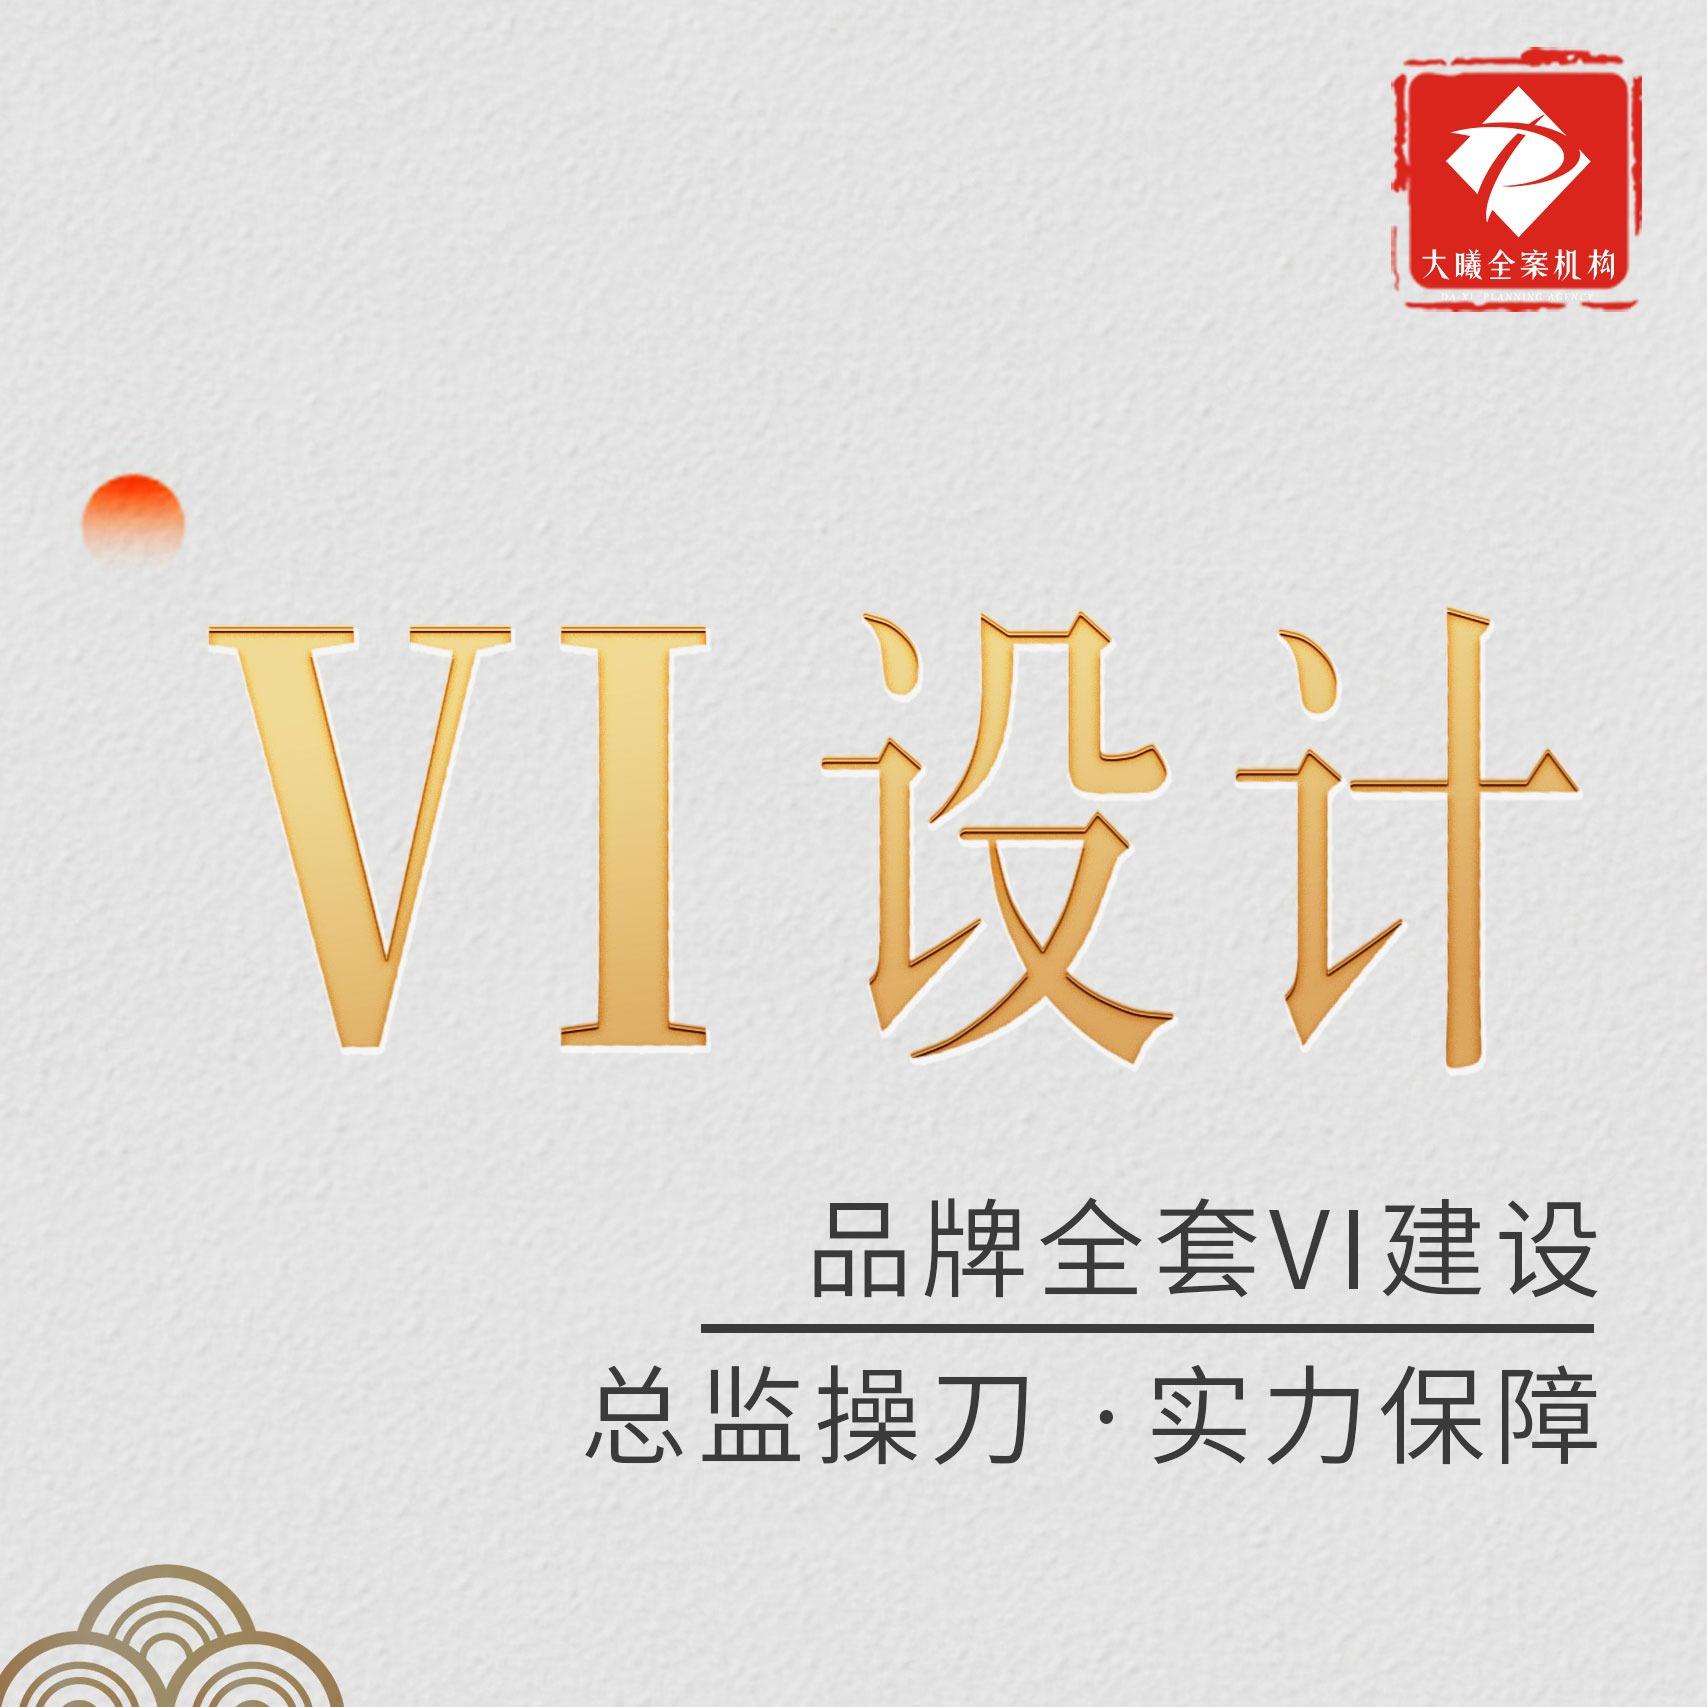 餐饮教育品牌产品LOGOlogo VI 视觉系统 VI S导视 设计